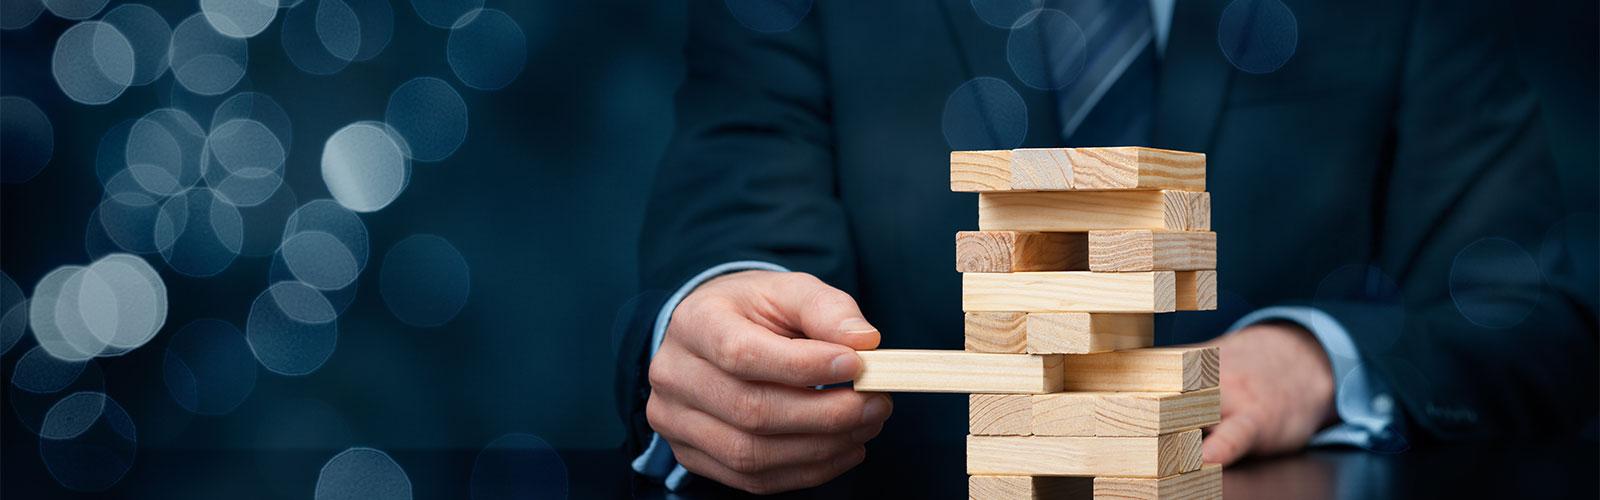 Versicherungsmanagement - Maklerauschreibungen - versicherungsauschreibungen - Full Service Koordination - ZÜHLKE RMS